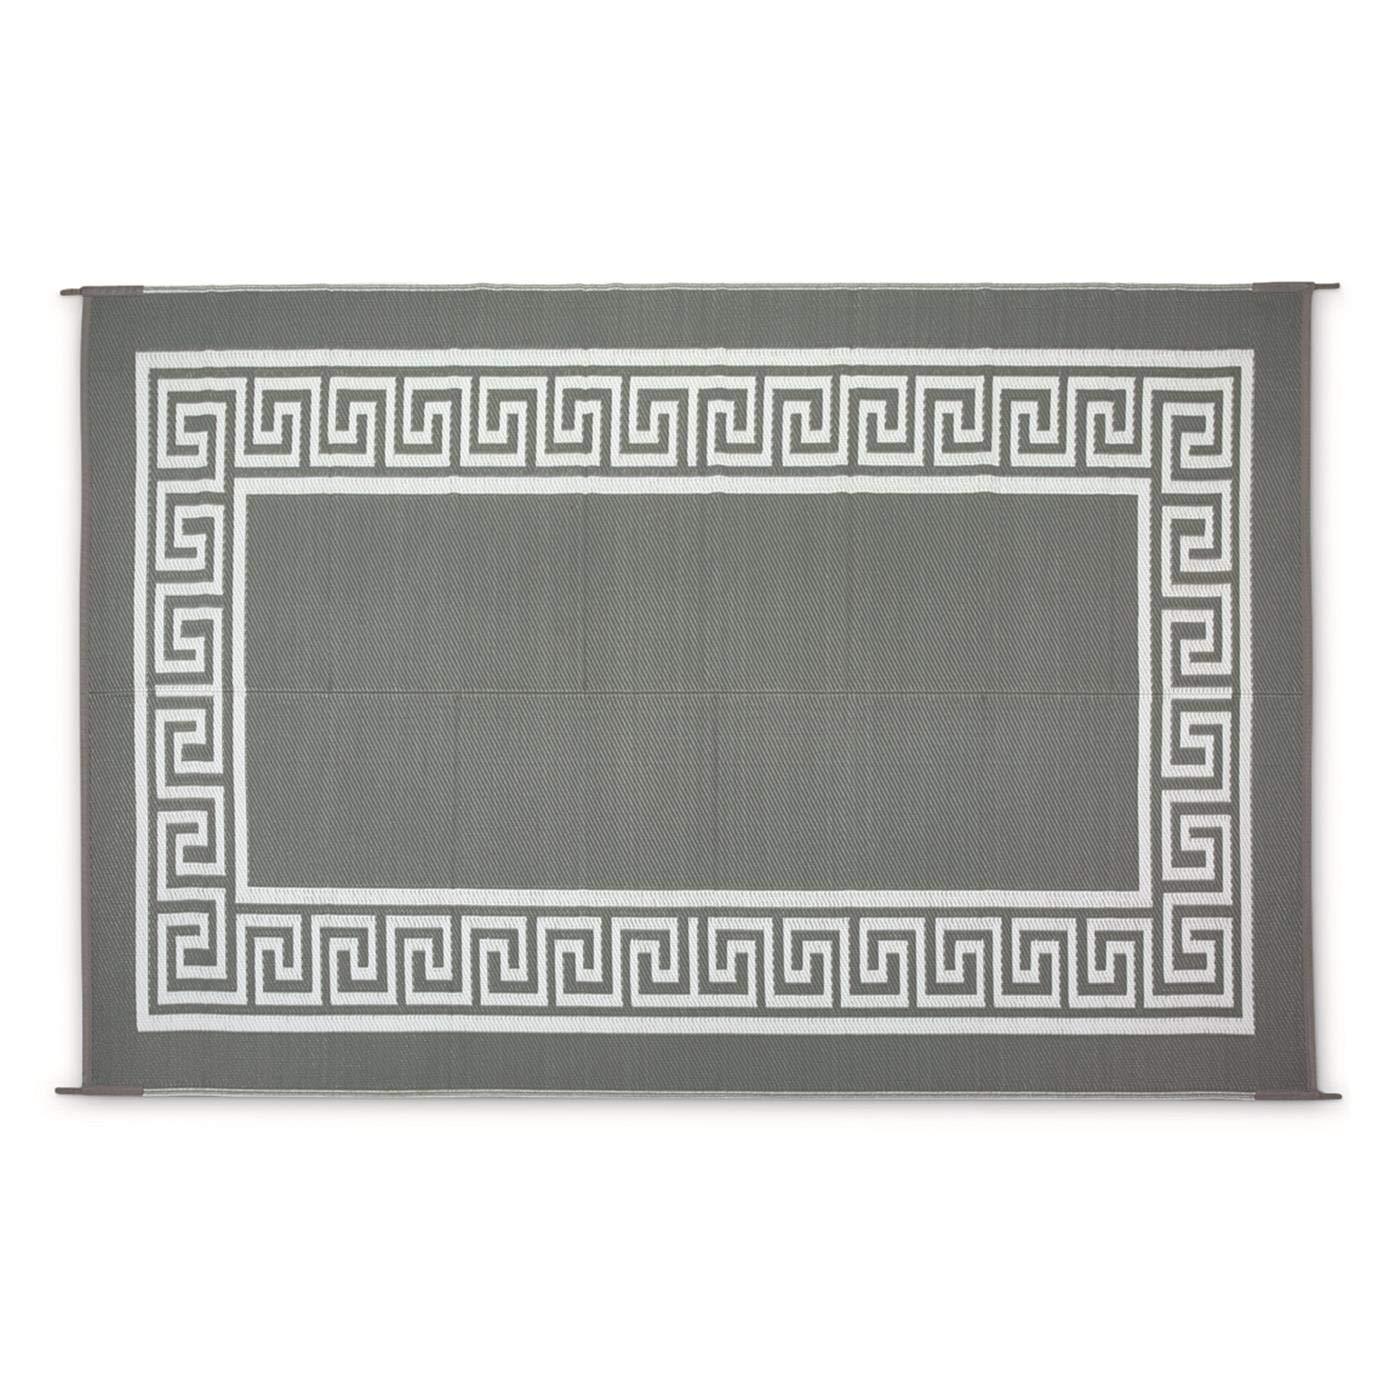 Guide Gear Border Outdoor Rug, Gray/White, 9X6